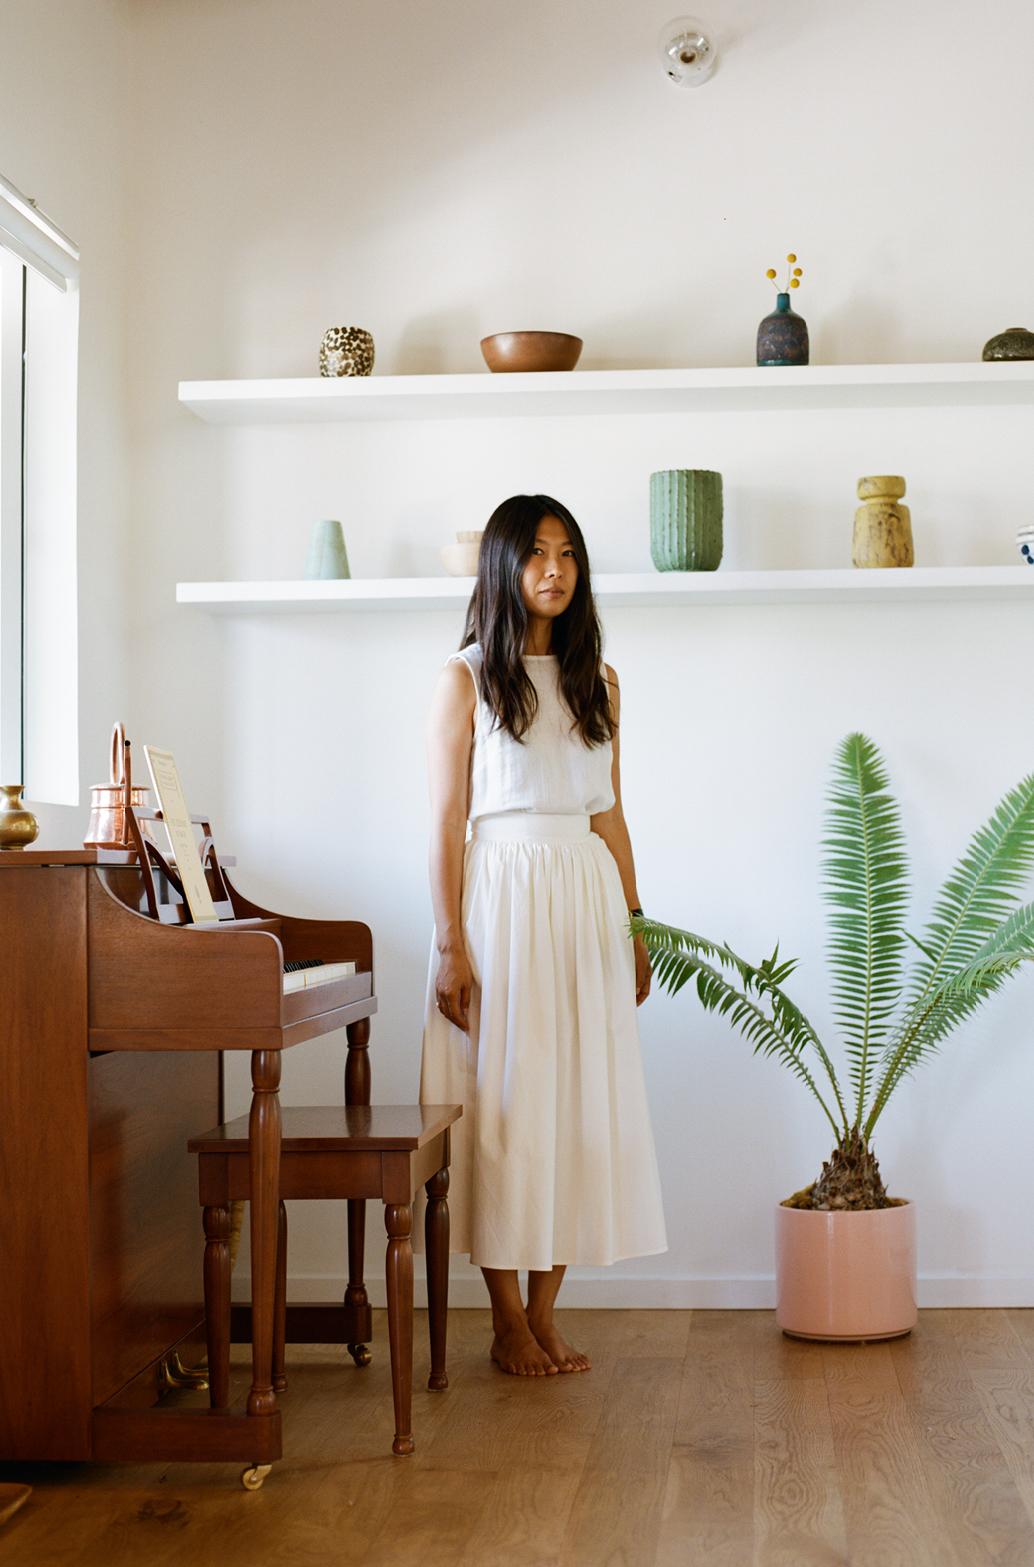 L'intérieur minimaliste et zen de Jeanna Sohn -blog Closet visit- via The Dreslyn